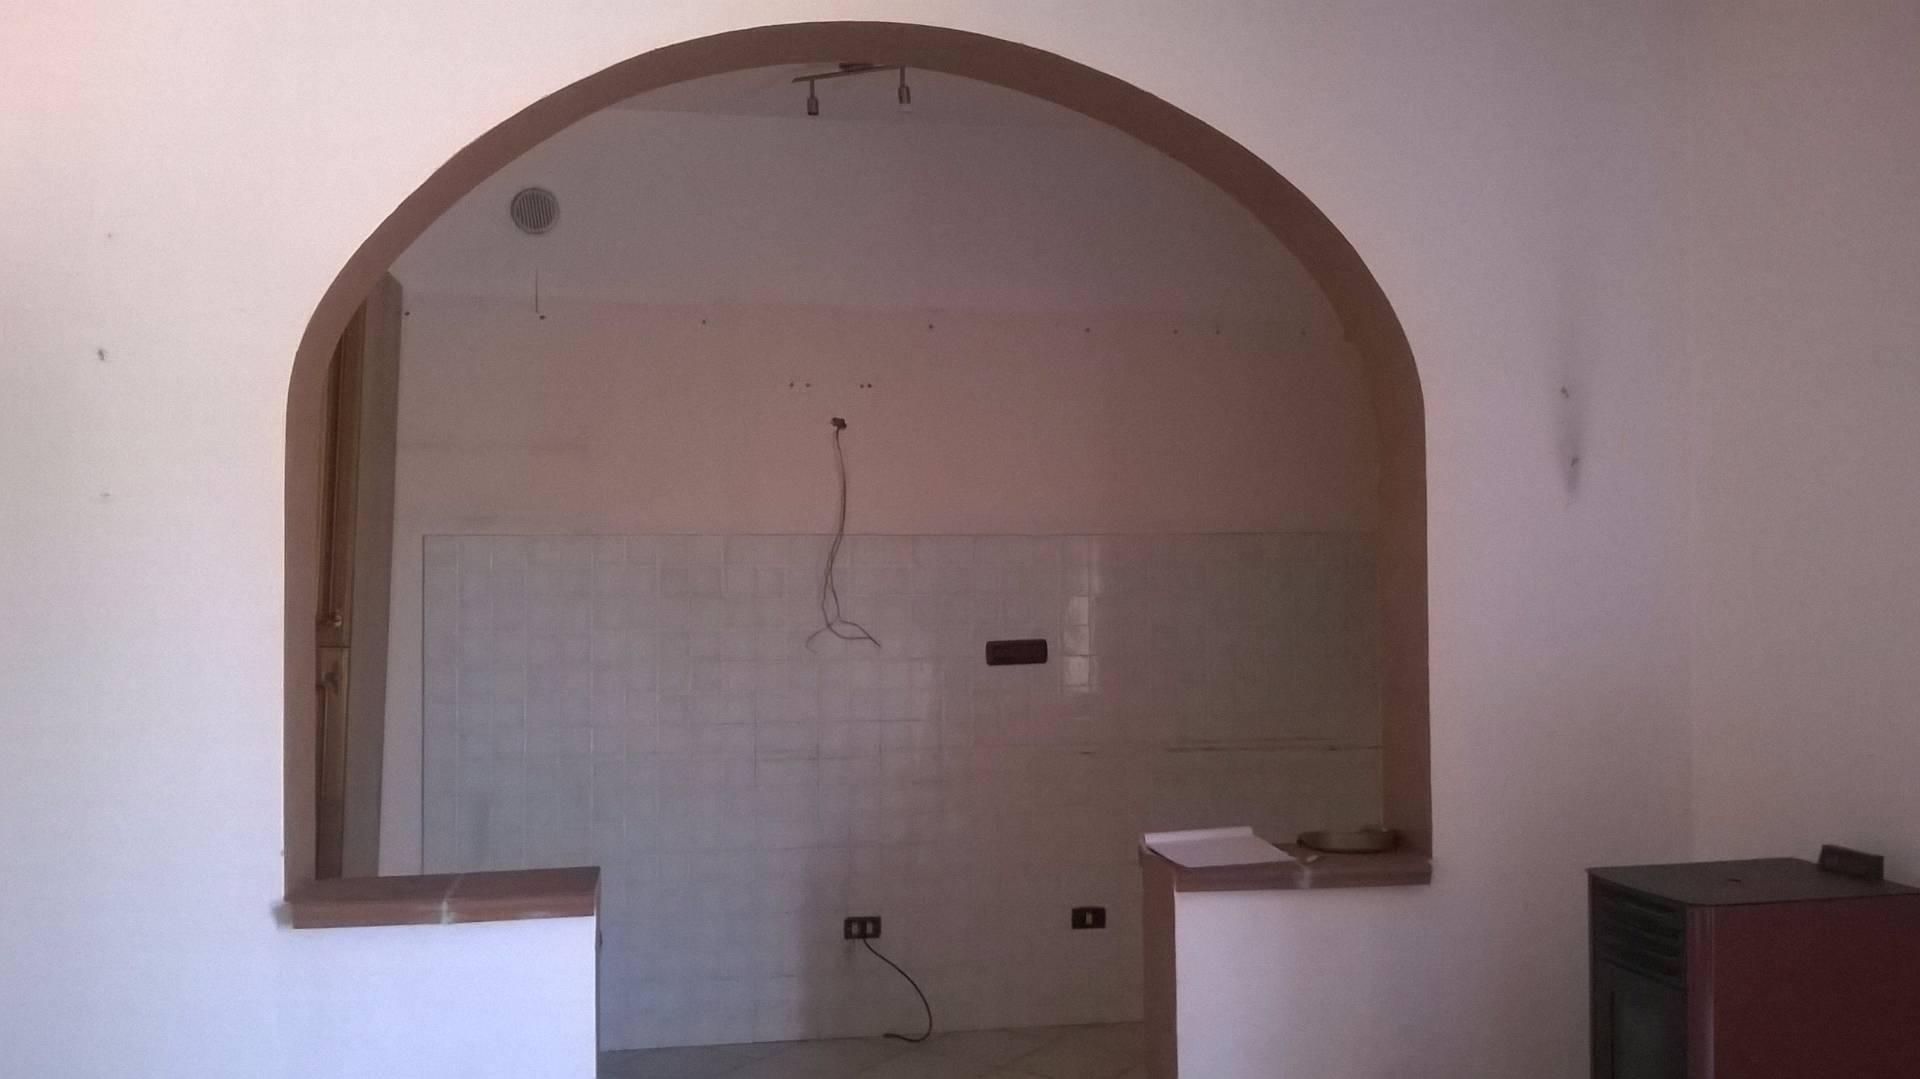 Appartamento in affitto a Montopoli in Val d'Arno, 2 locali, zona Zona: Capanne, prezzo € 400 | Cambio Casa.it